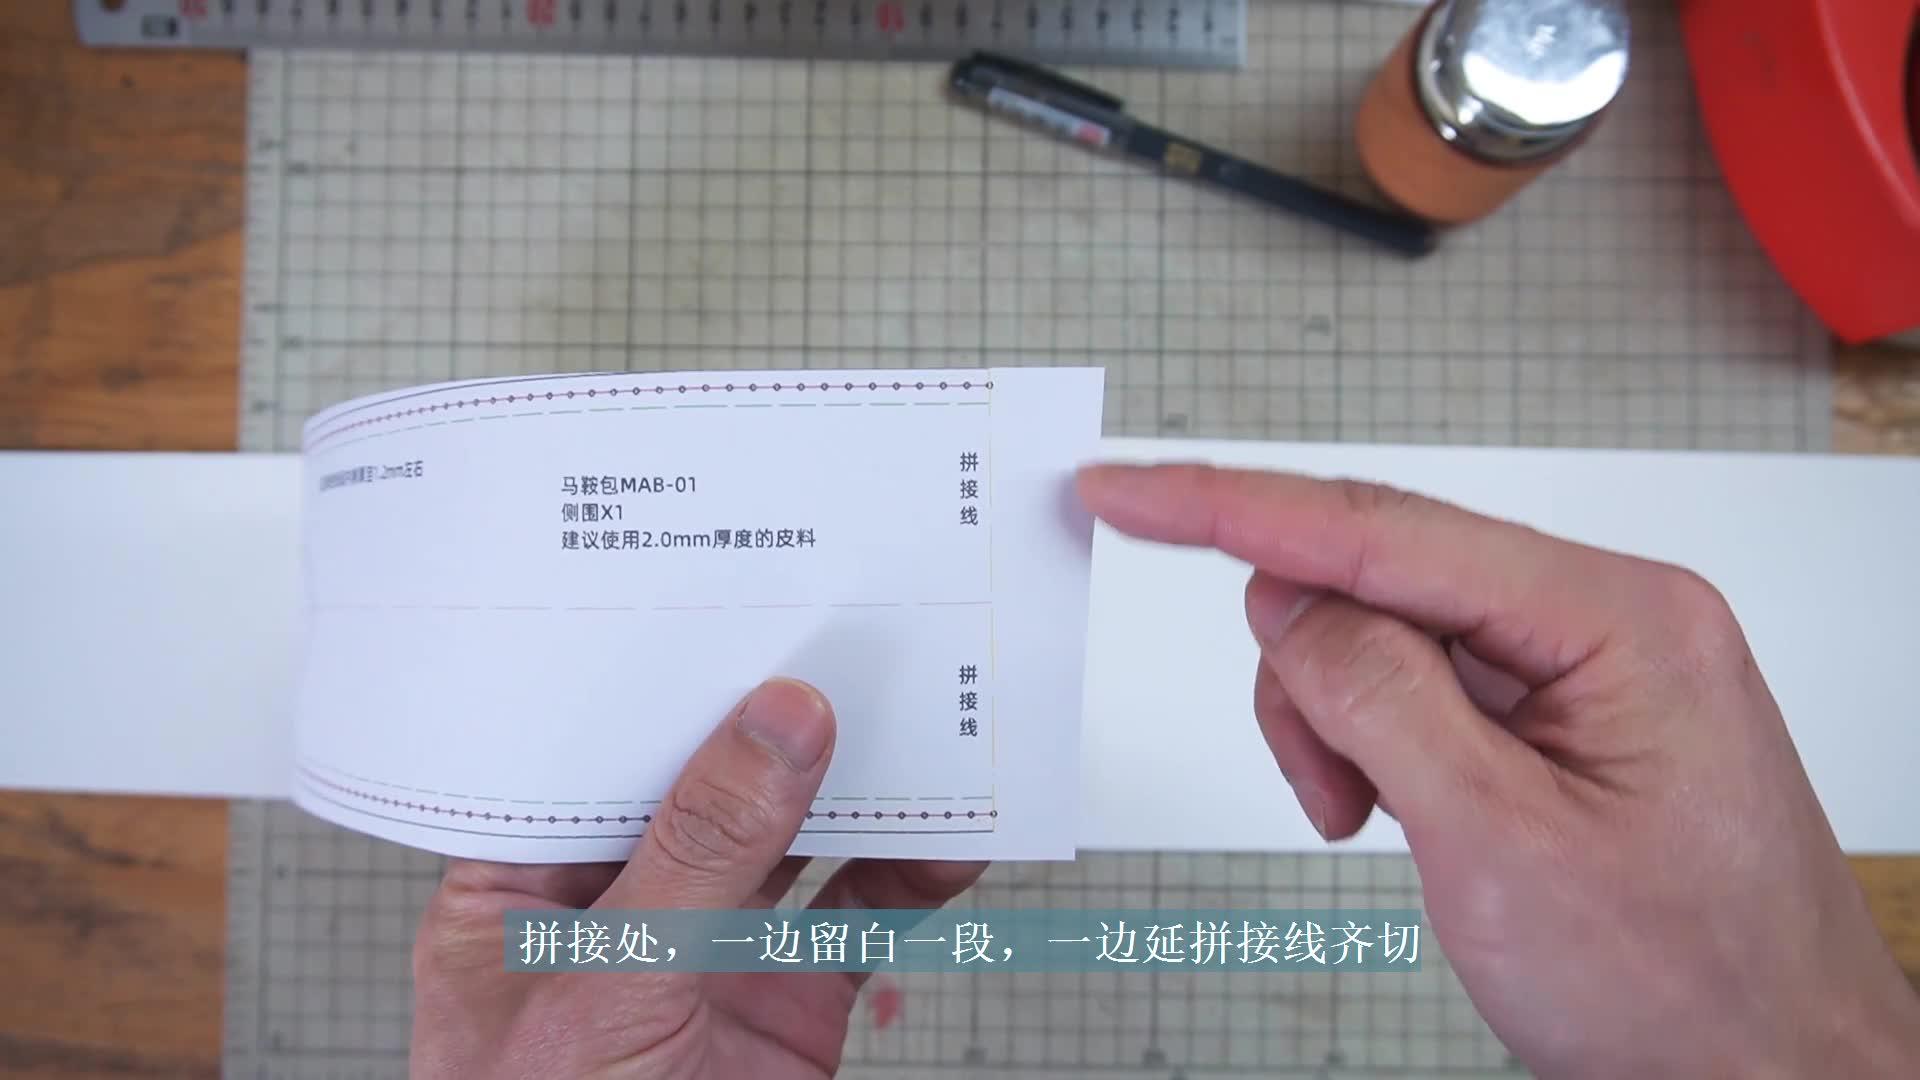 长图纸拼接技巧 A3图纸太小?A4卡纸不够用?长图纸拼错位!?快来看我的图纸拼接技巧吧